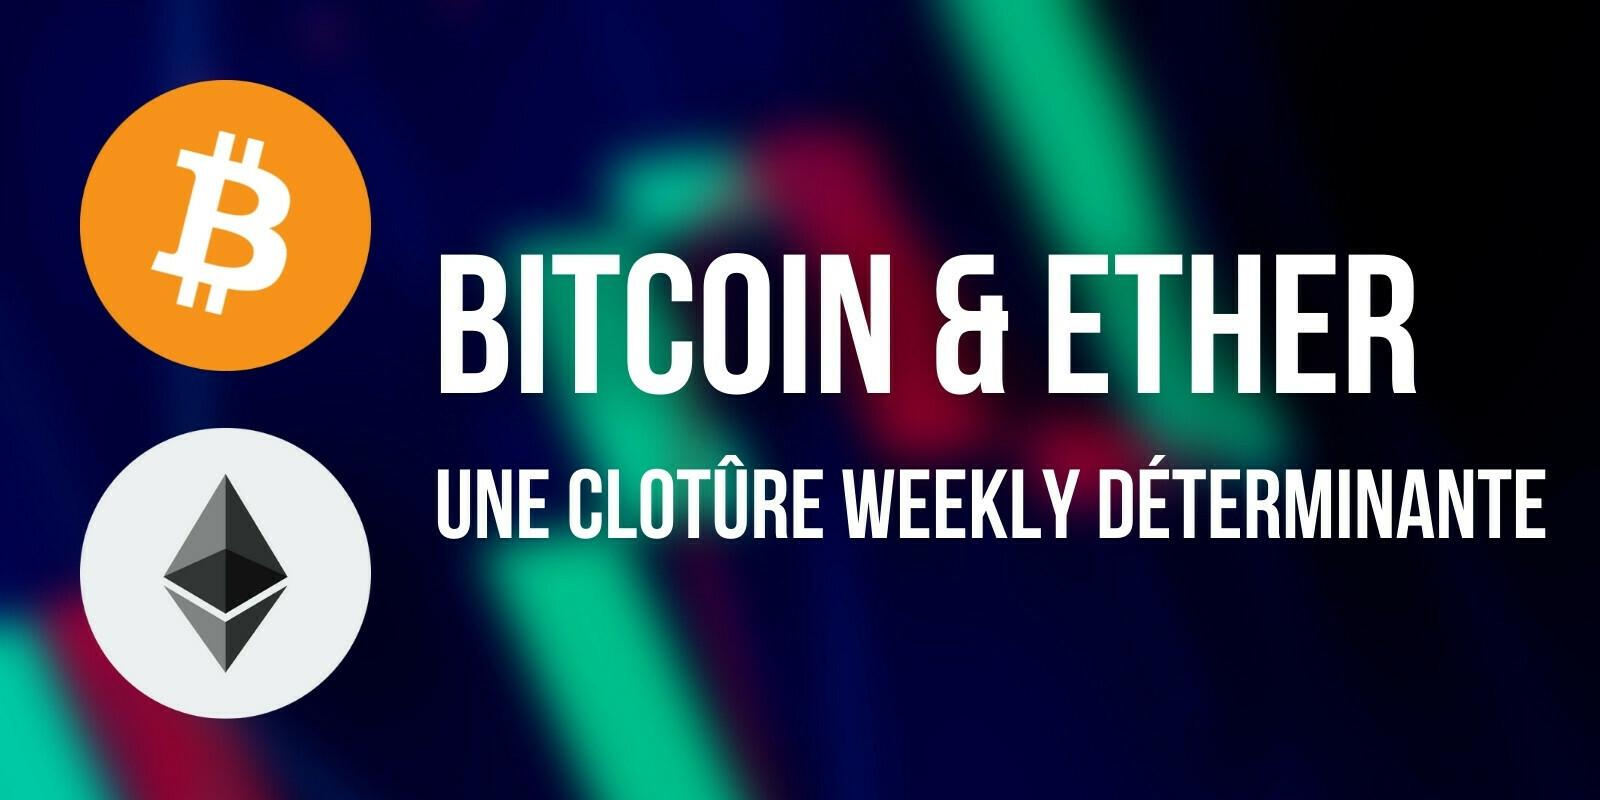 Le Bitcoin (BTC) et l'Ether (ETH) font face à une importante clôture hebdomadaire